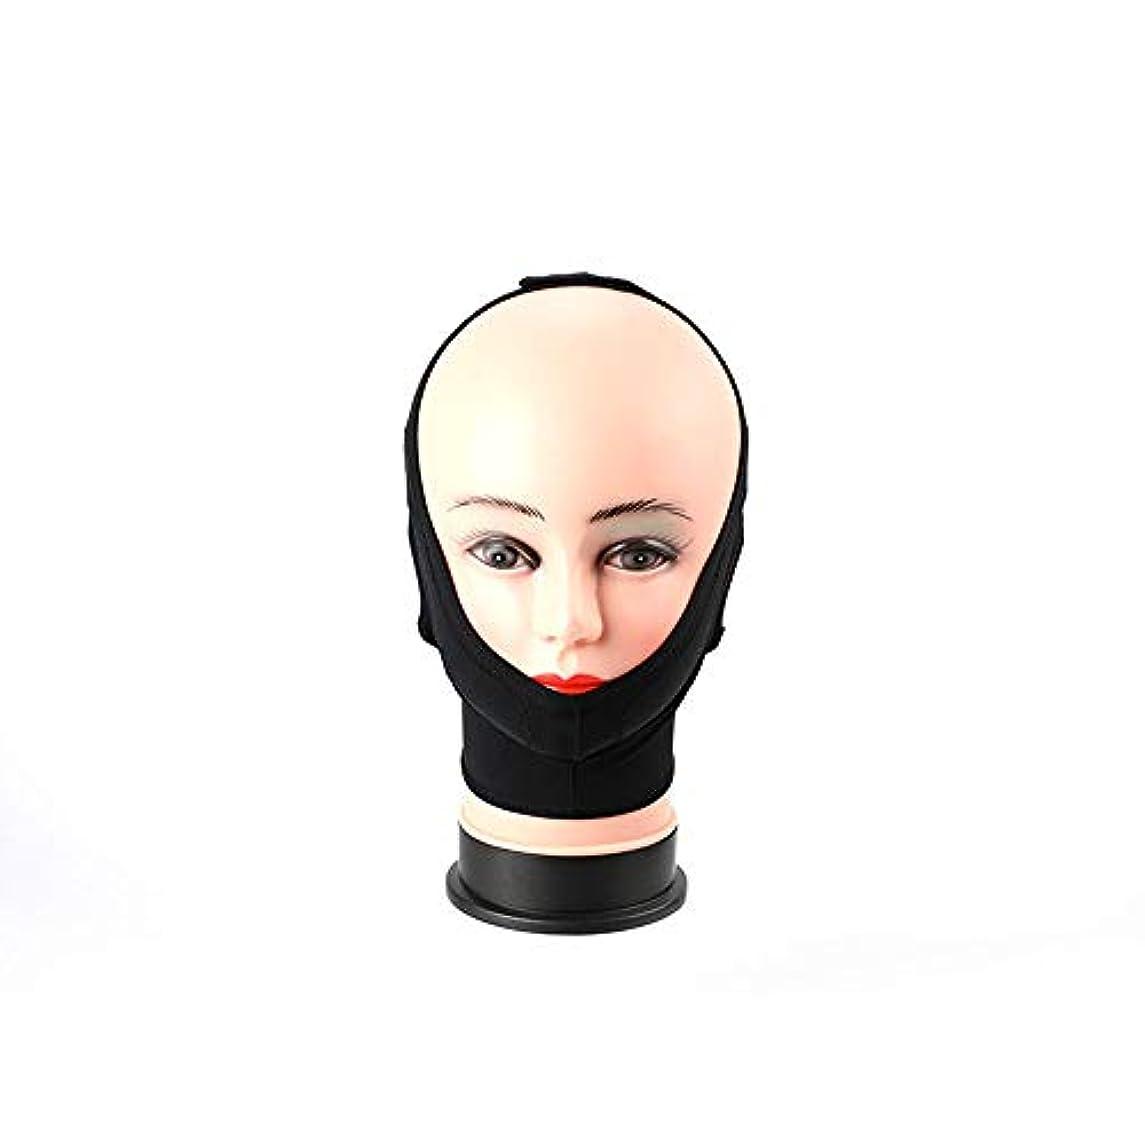 考えた散髪本気フェイスリフティング包帯、フェイスリフティングマスクリフティングおよびラインの引き締めライン形状/リフティングVフェイスアーチファクト(カラー/ブラック),Black,L